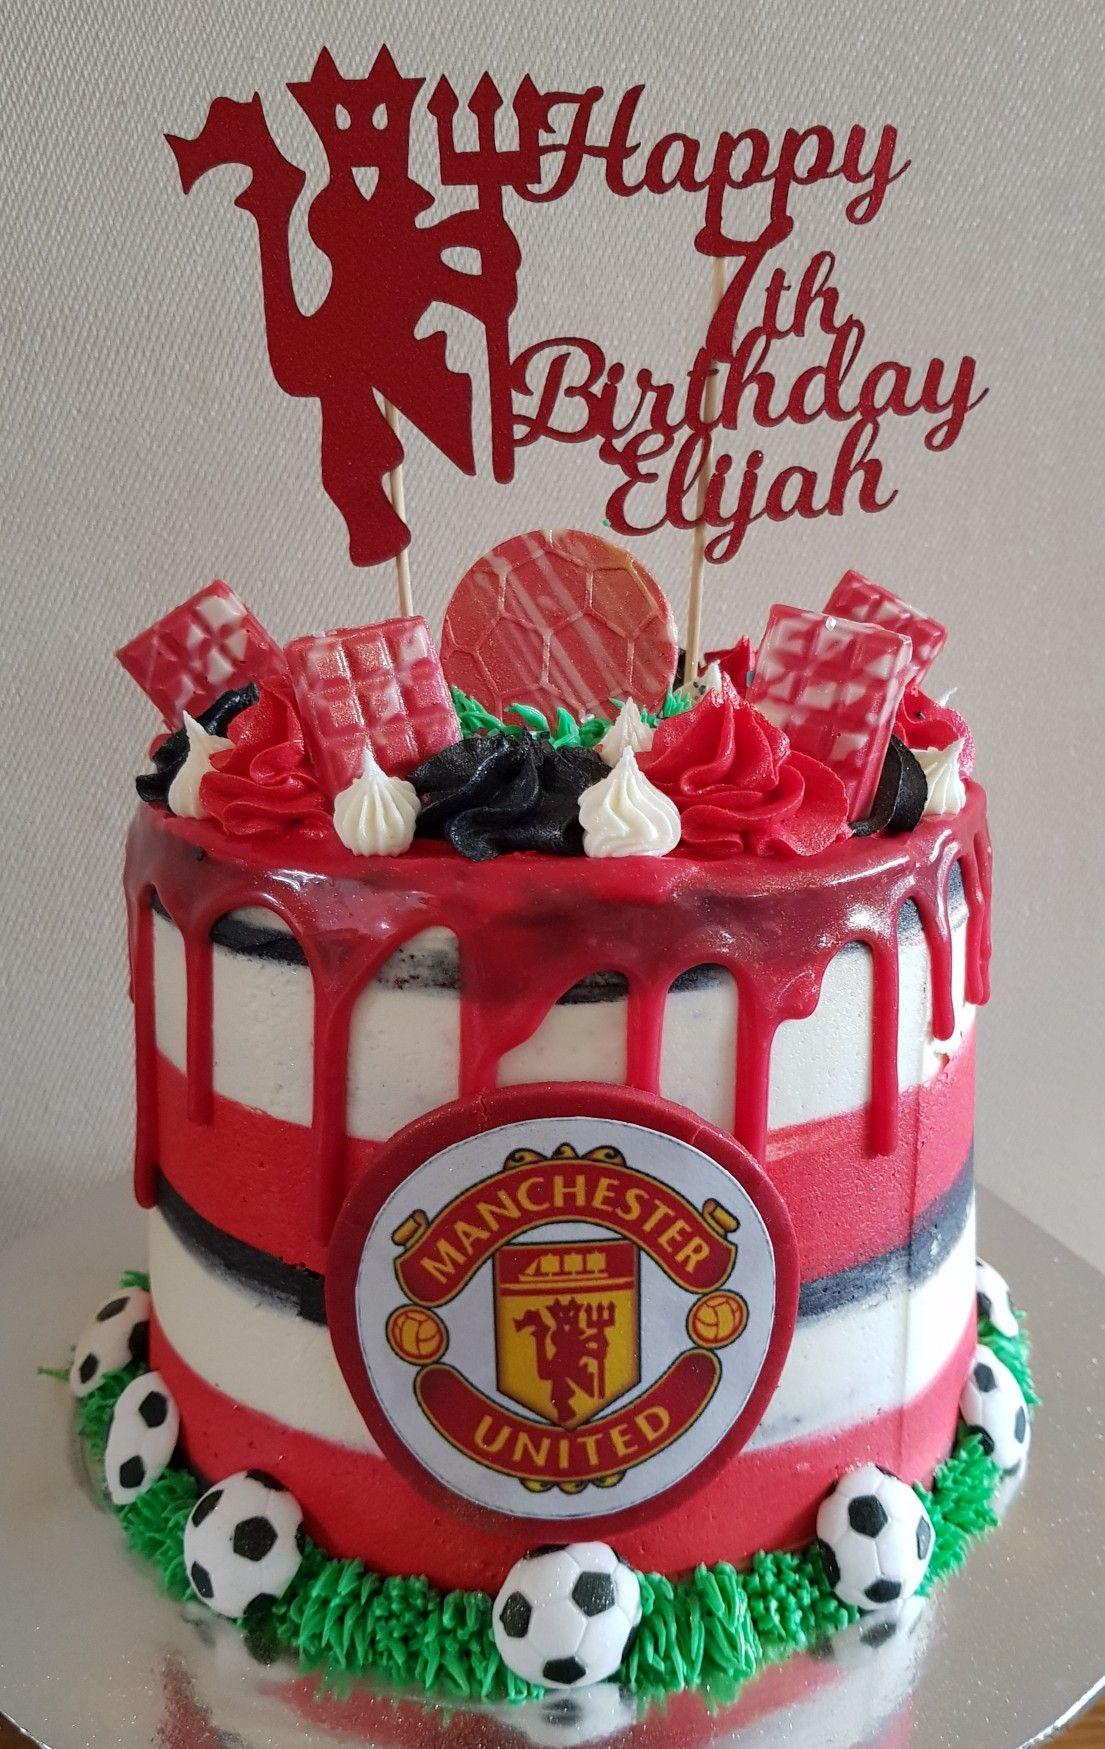 Manchester United Drip Cake Birthday Drip Cake Drip Cakes Football Birthday Cake